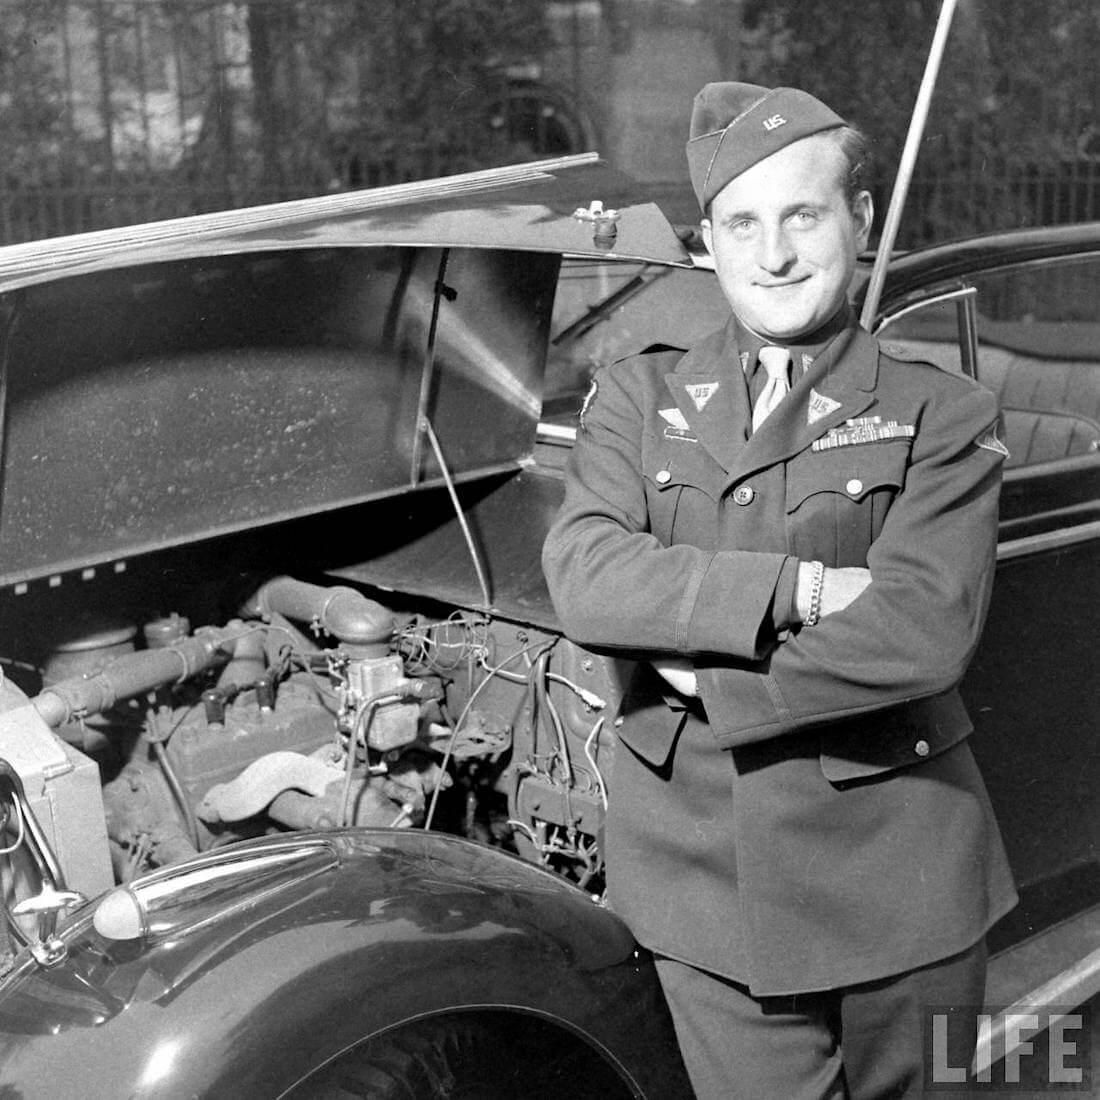 Walter Coch rakentamansa Jeepsterin vieressä. Kuva: Walter Sanders/Life.